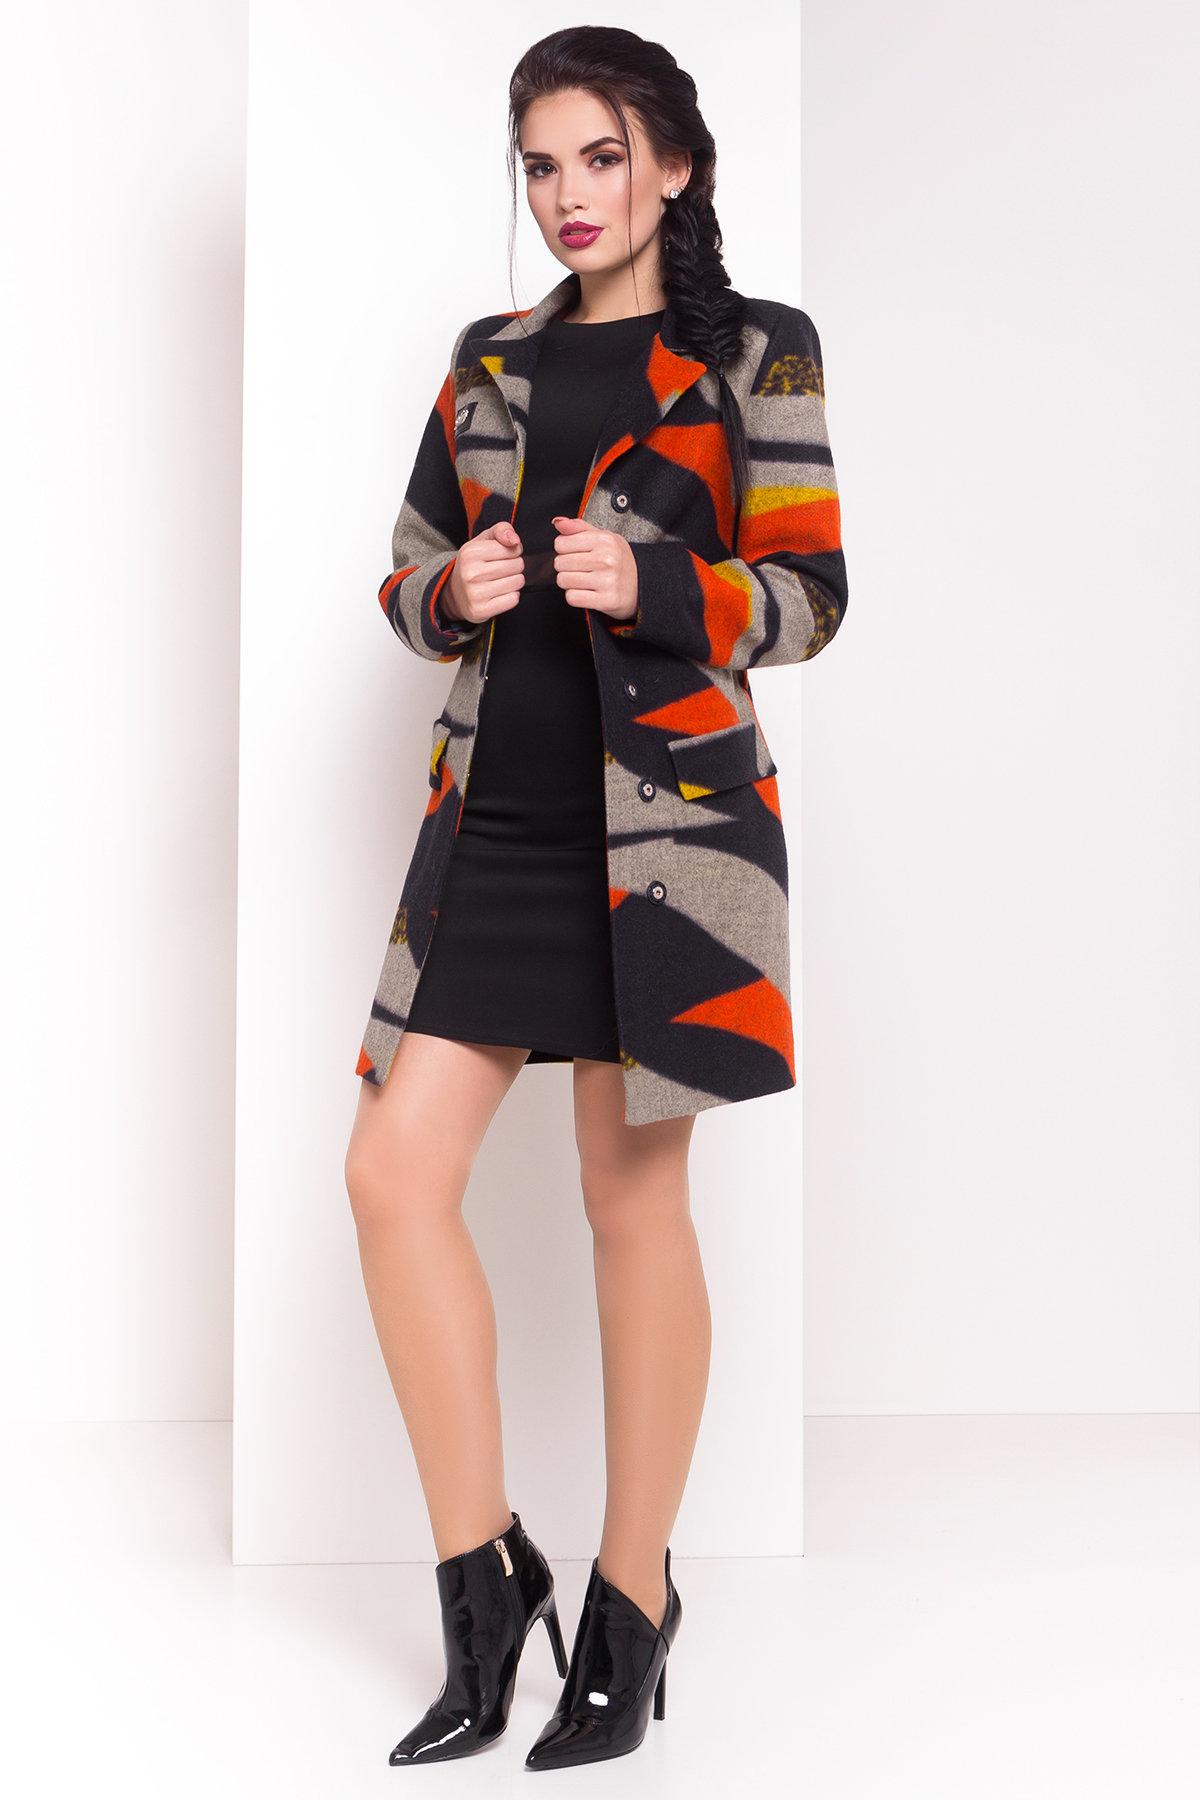 Пальто Микадо 1551  АРТ. 9220 Цвет: Тёмно-синий/серый/теракот/жёлтая-рябь Д1/С1 - фото 1, интернет магазин tm-modus.ru